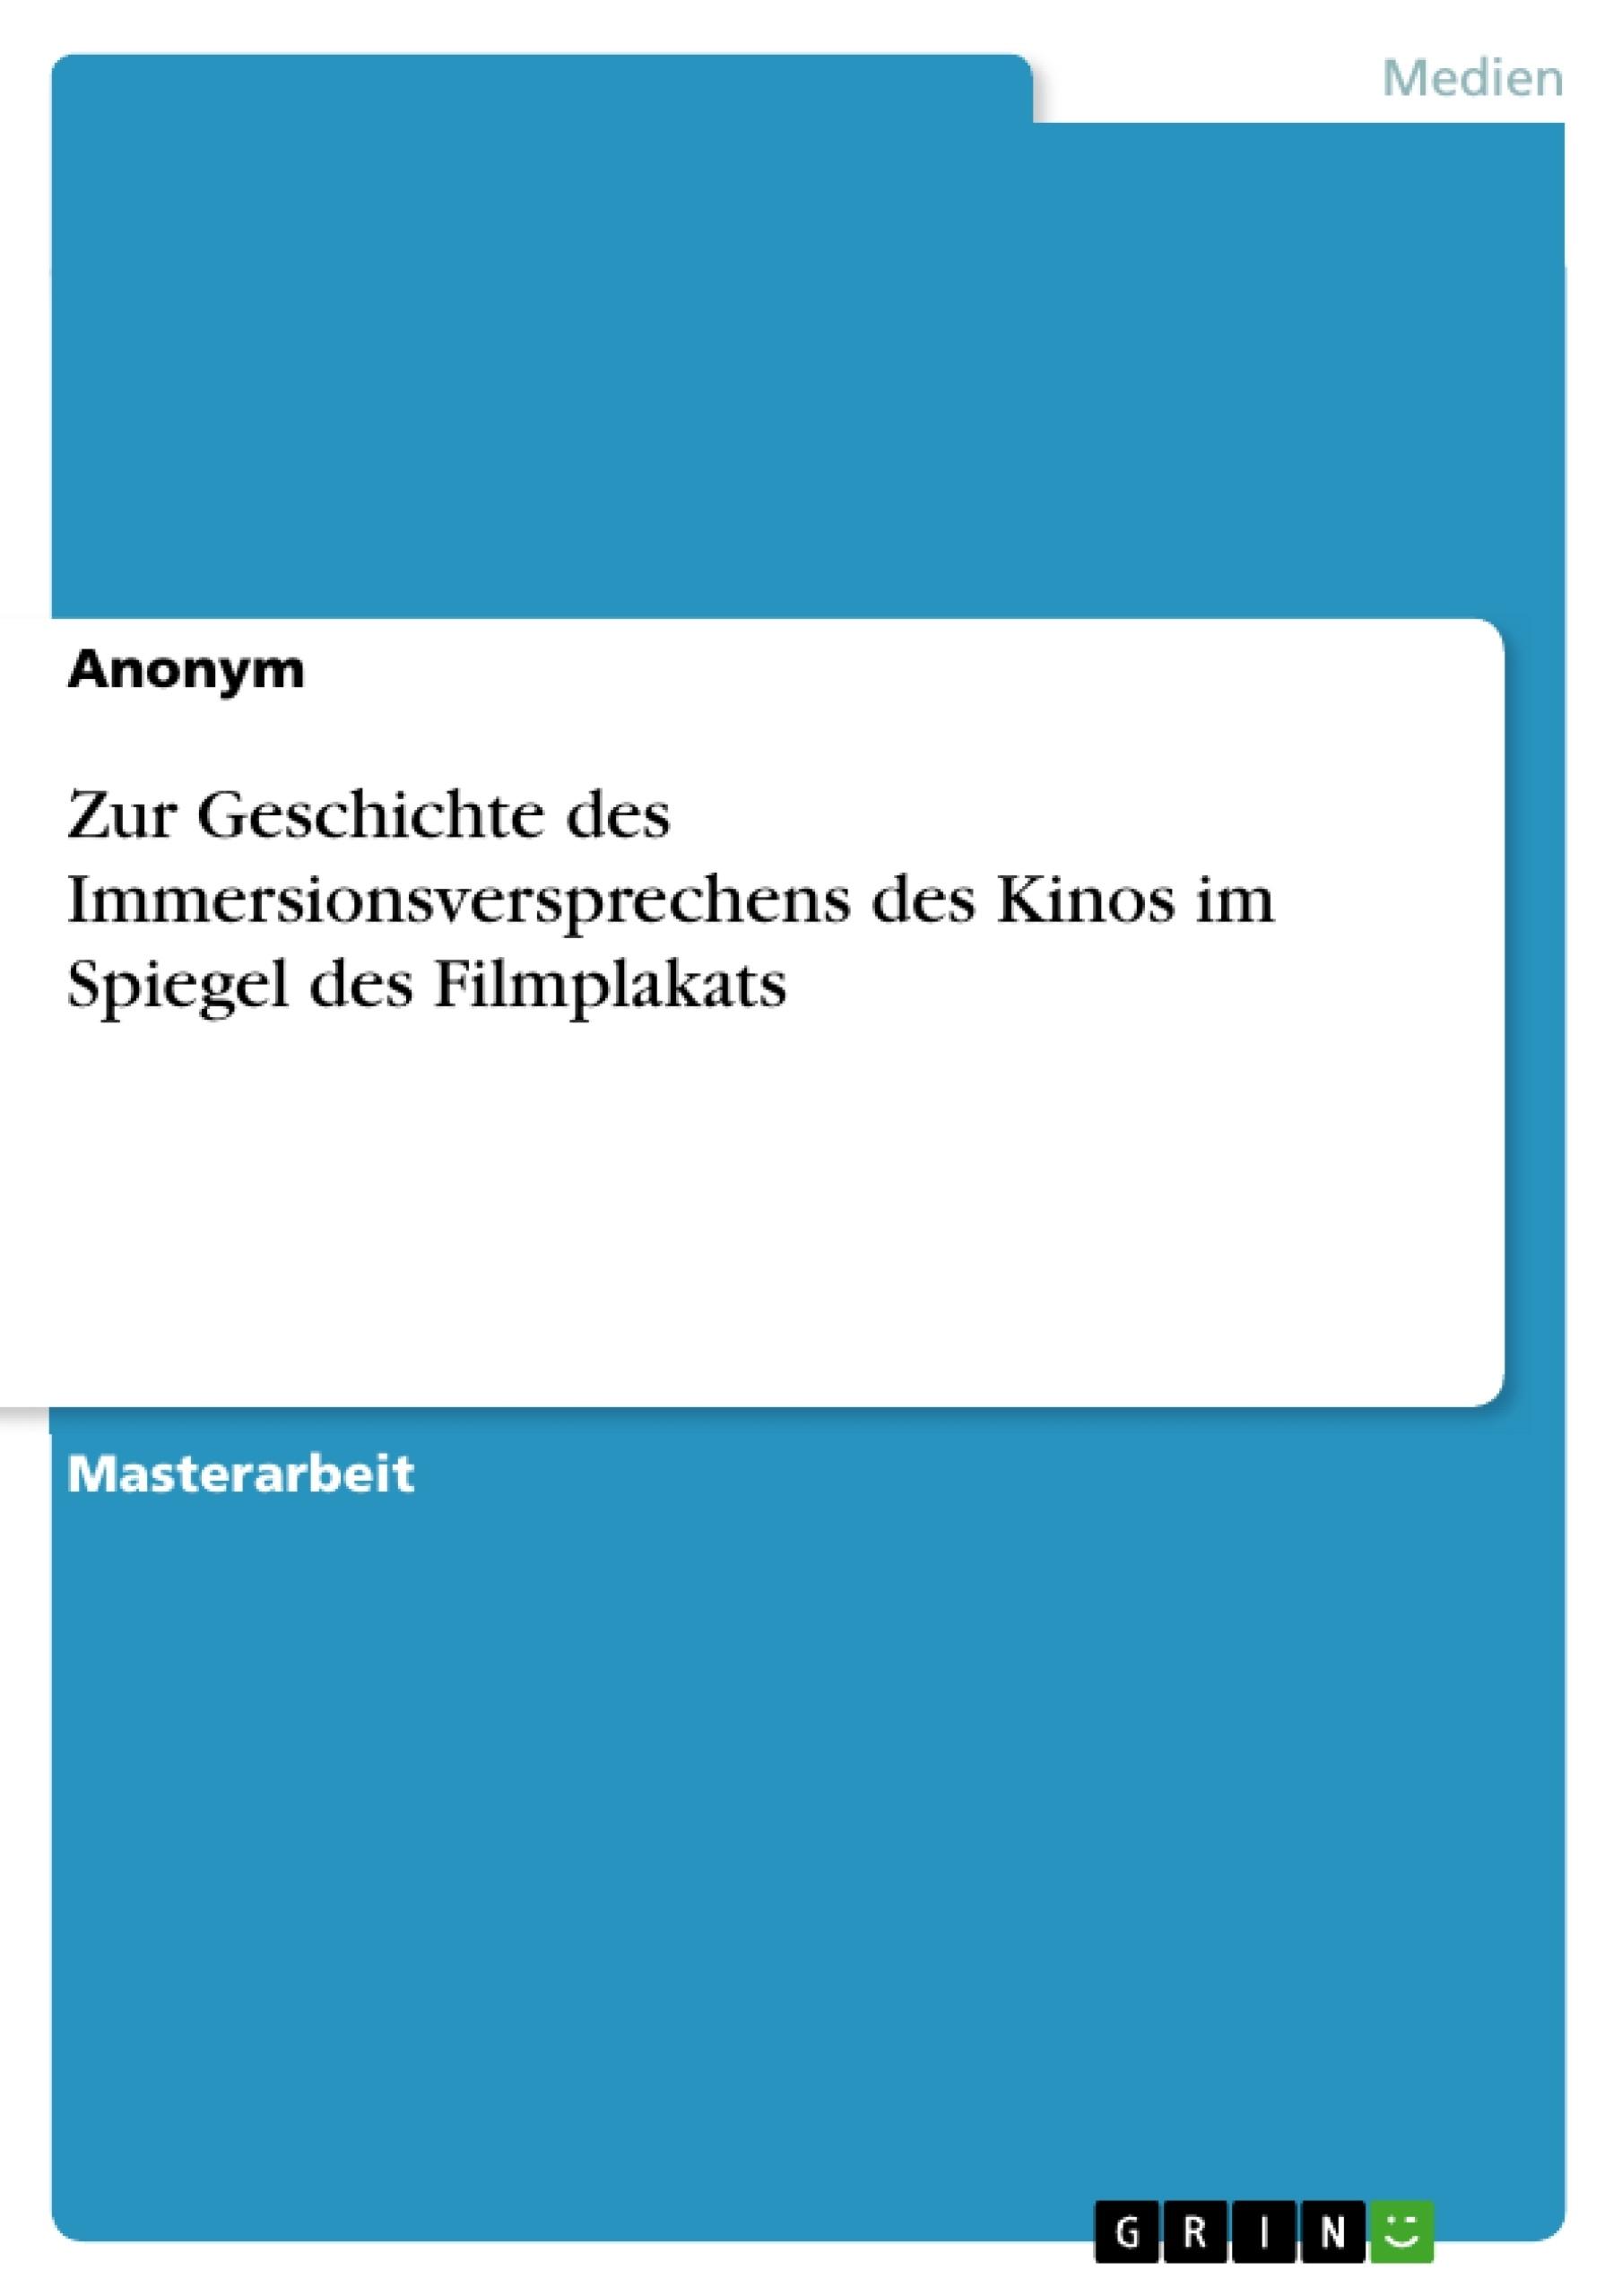 Titel: Zur Geschichte des Immersionsversprechens des Kinos im Spiegel des Filmplakats